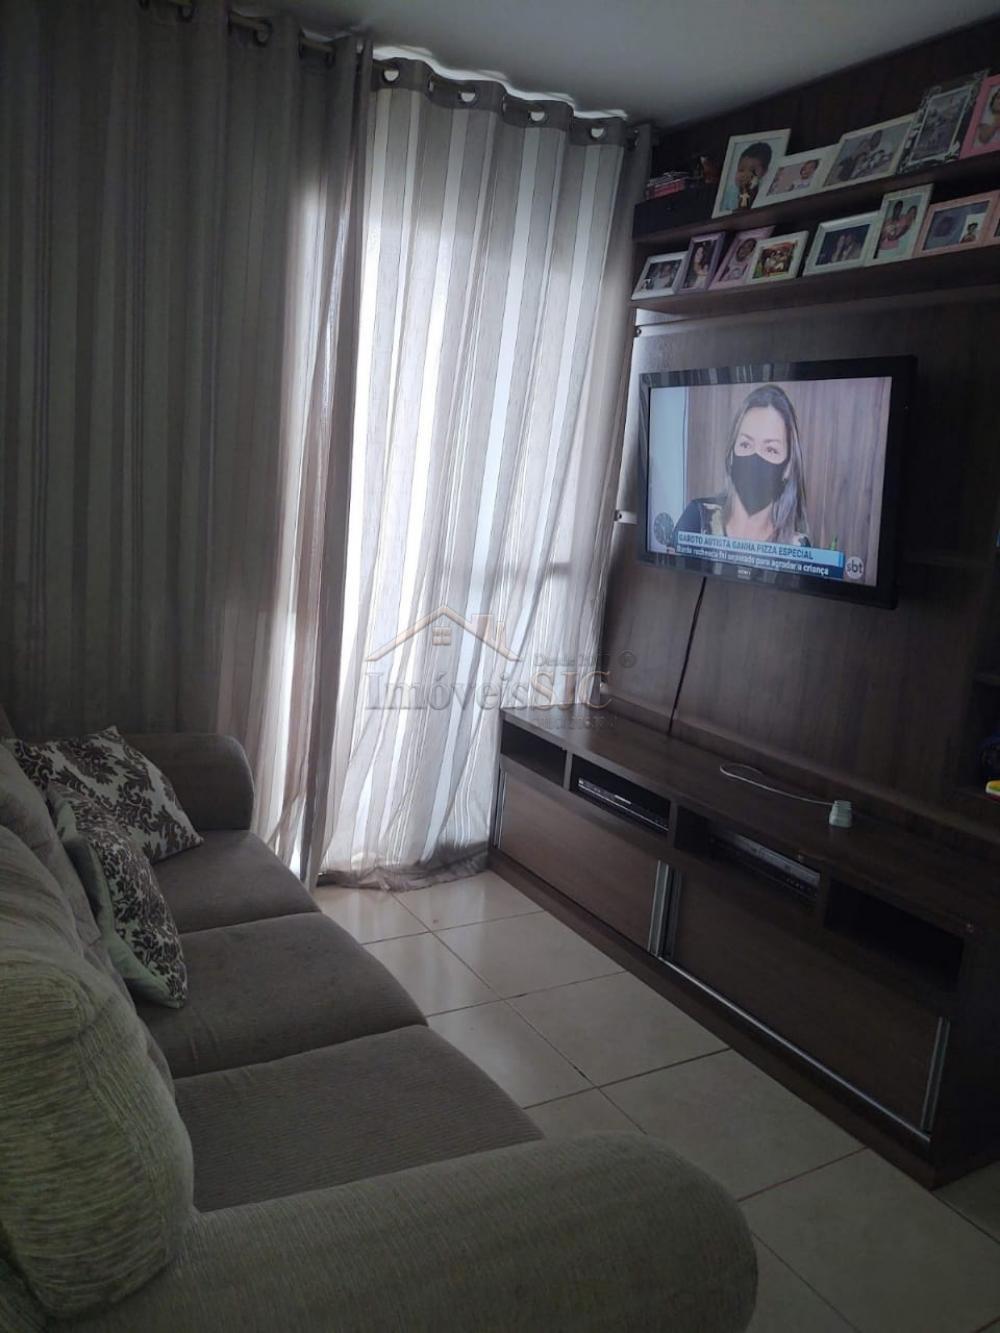 Comprar Apartamentos / Padrão em São José dos Campos apenas R$ 213.000,00 - Foto 2